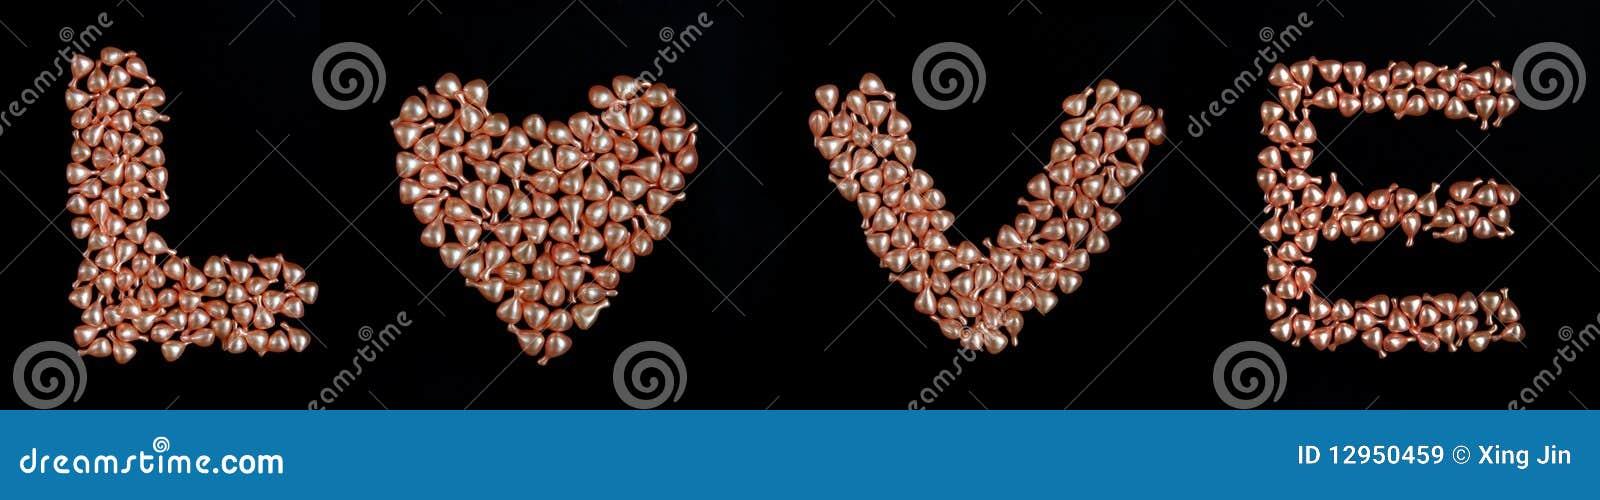 Liebeswort mit Perle